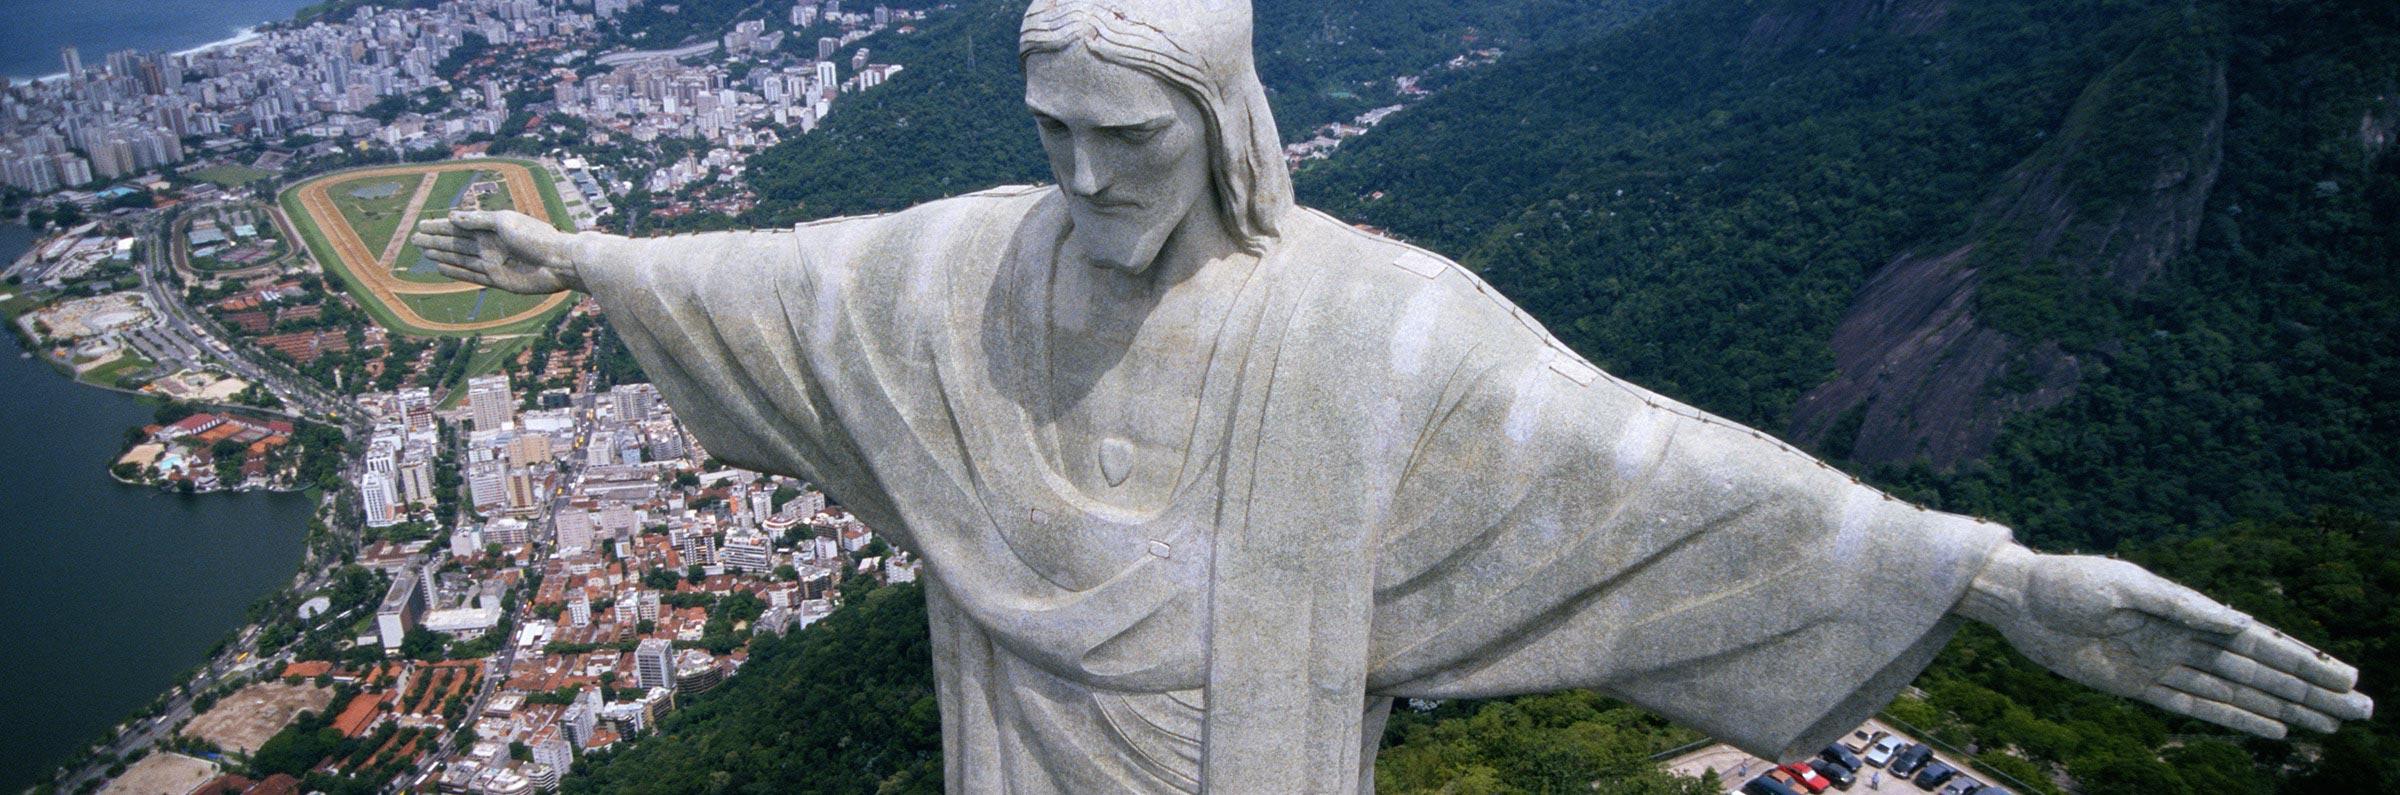 Luoghi e attrazioni in Rio